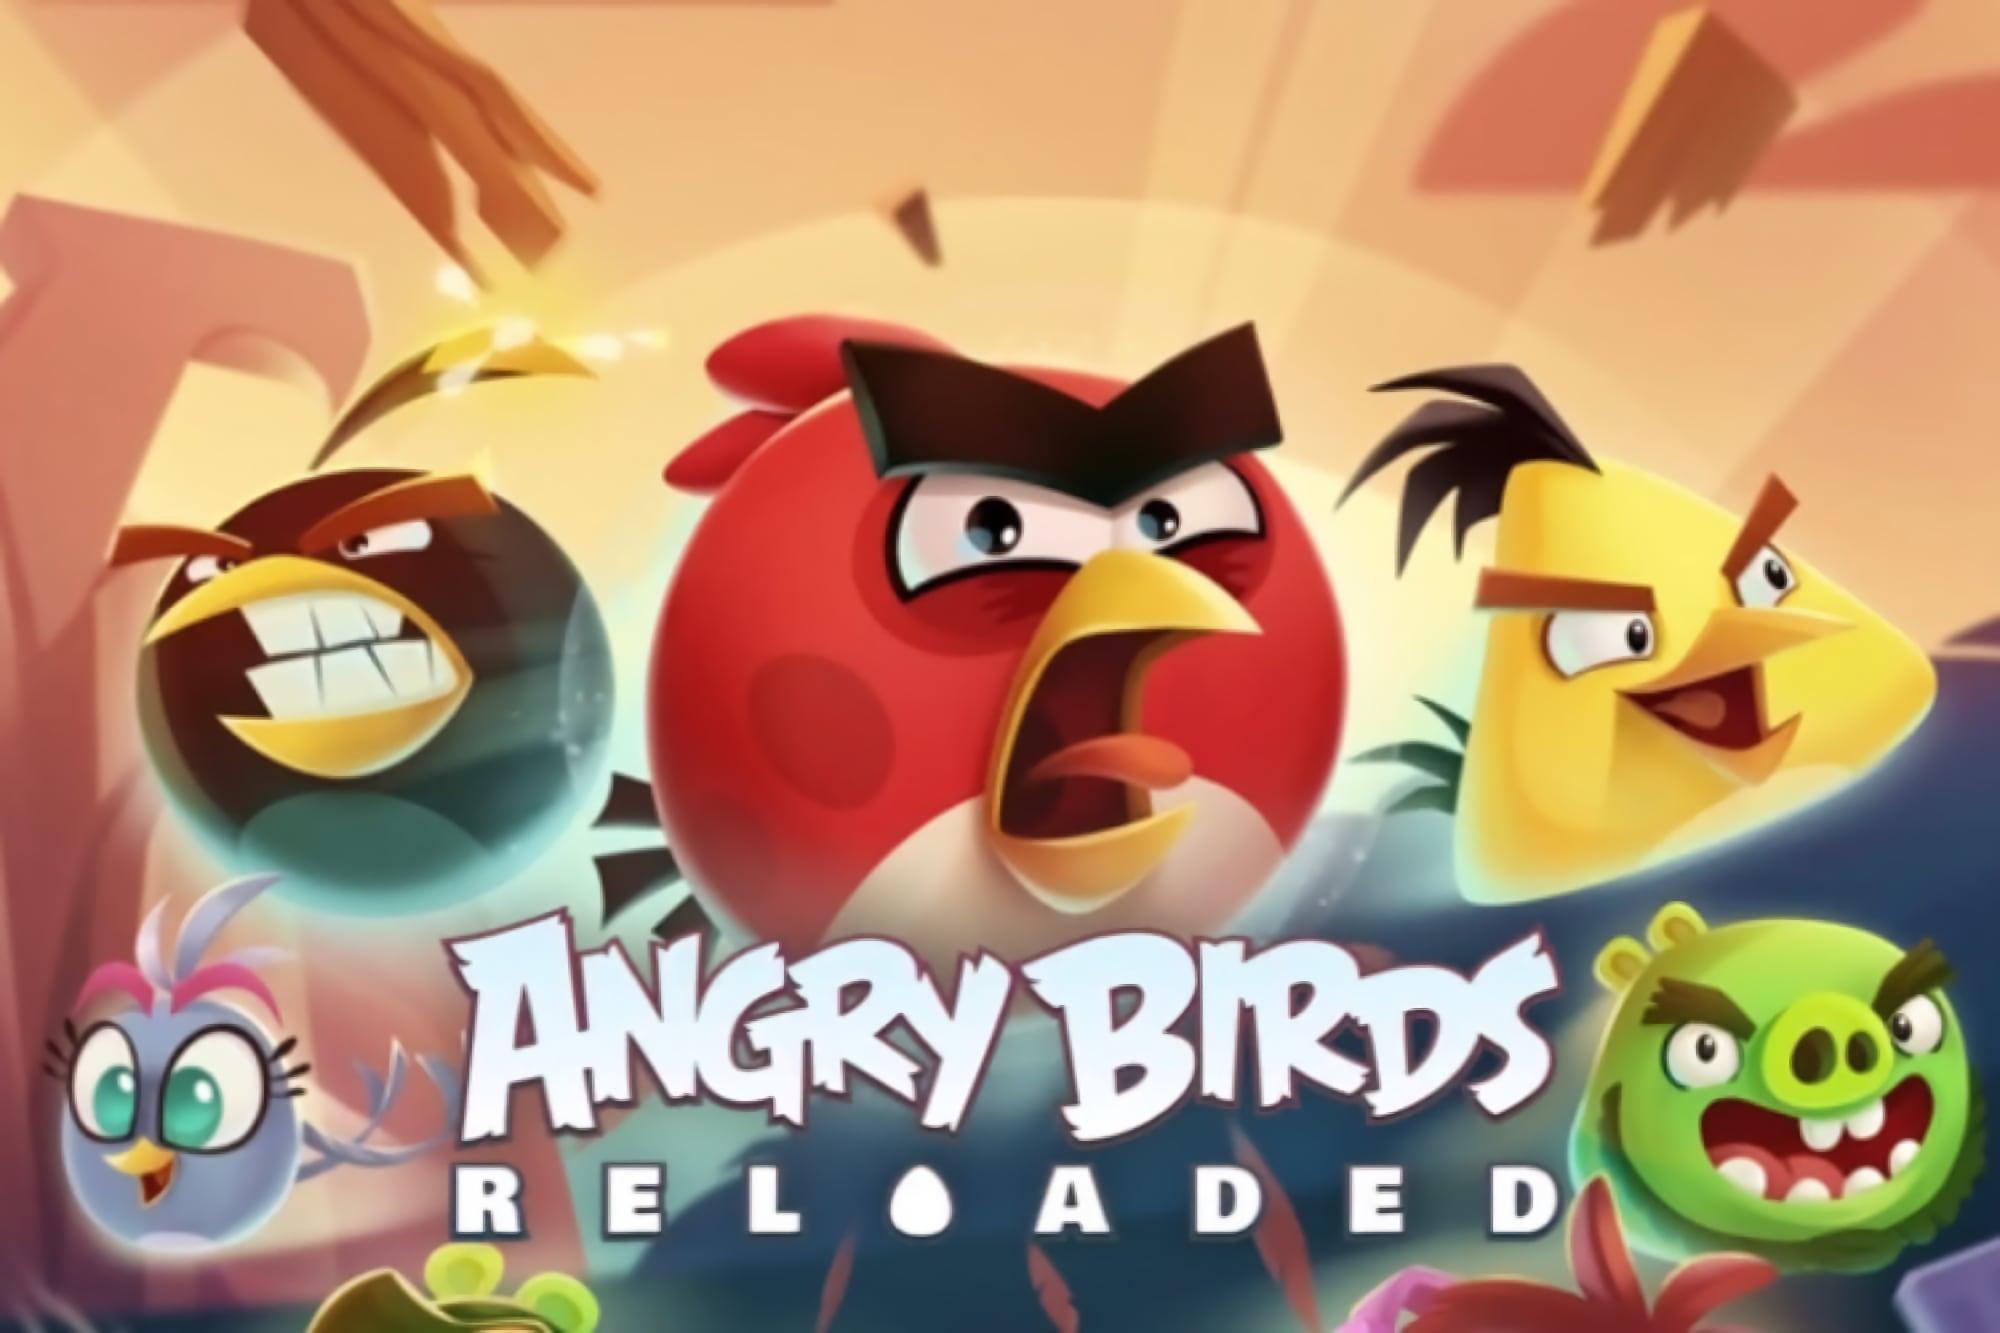 В Apple Arcade выйдет игра Angry Birds без рекламы и доната. А ещё Doodle God и Alto's Odyssey